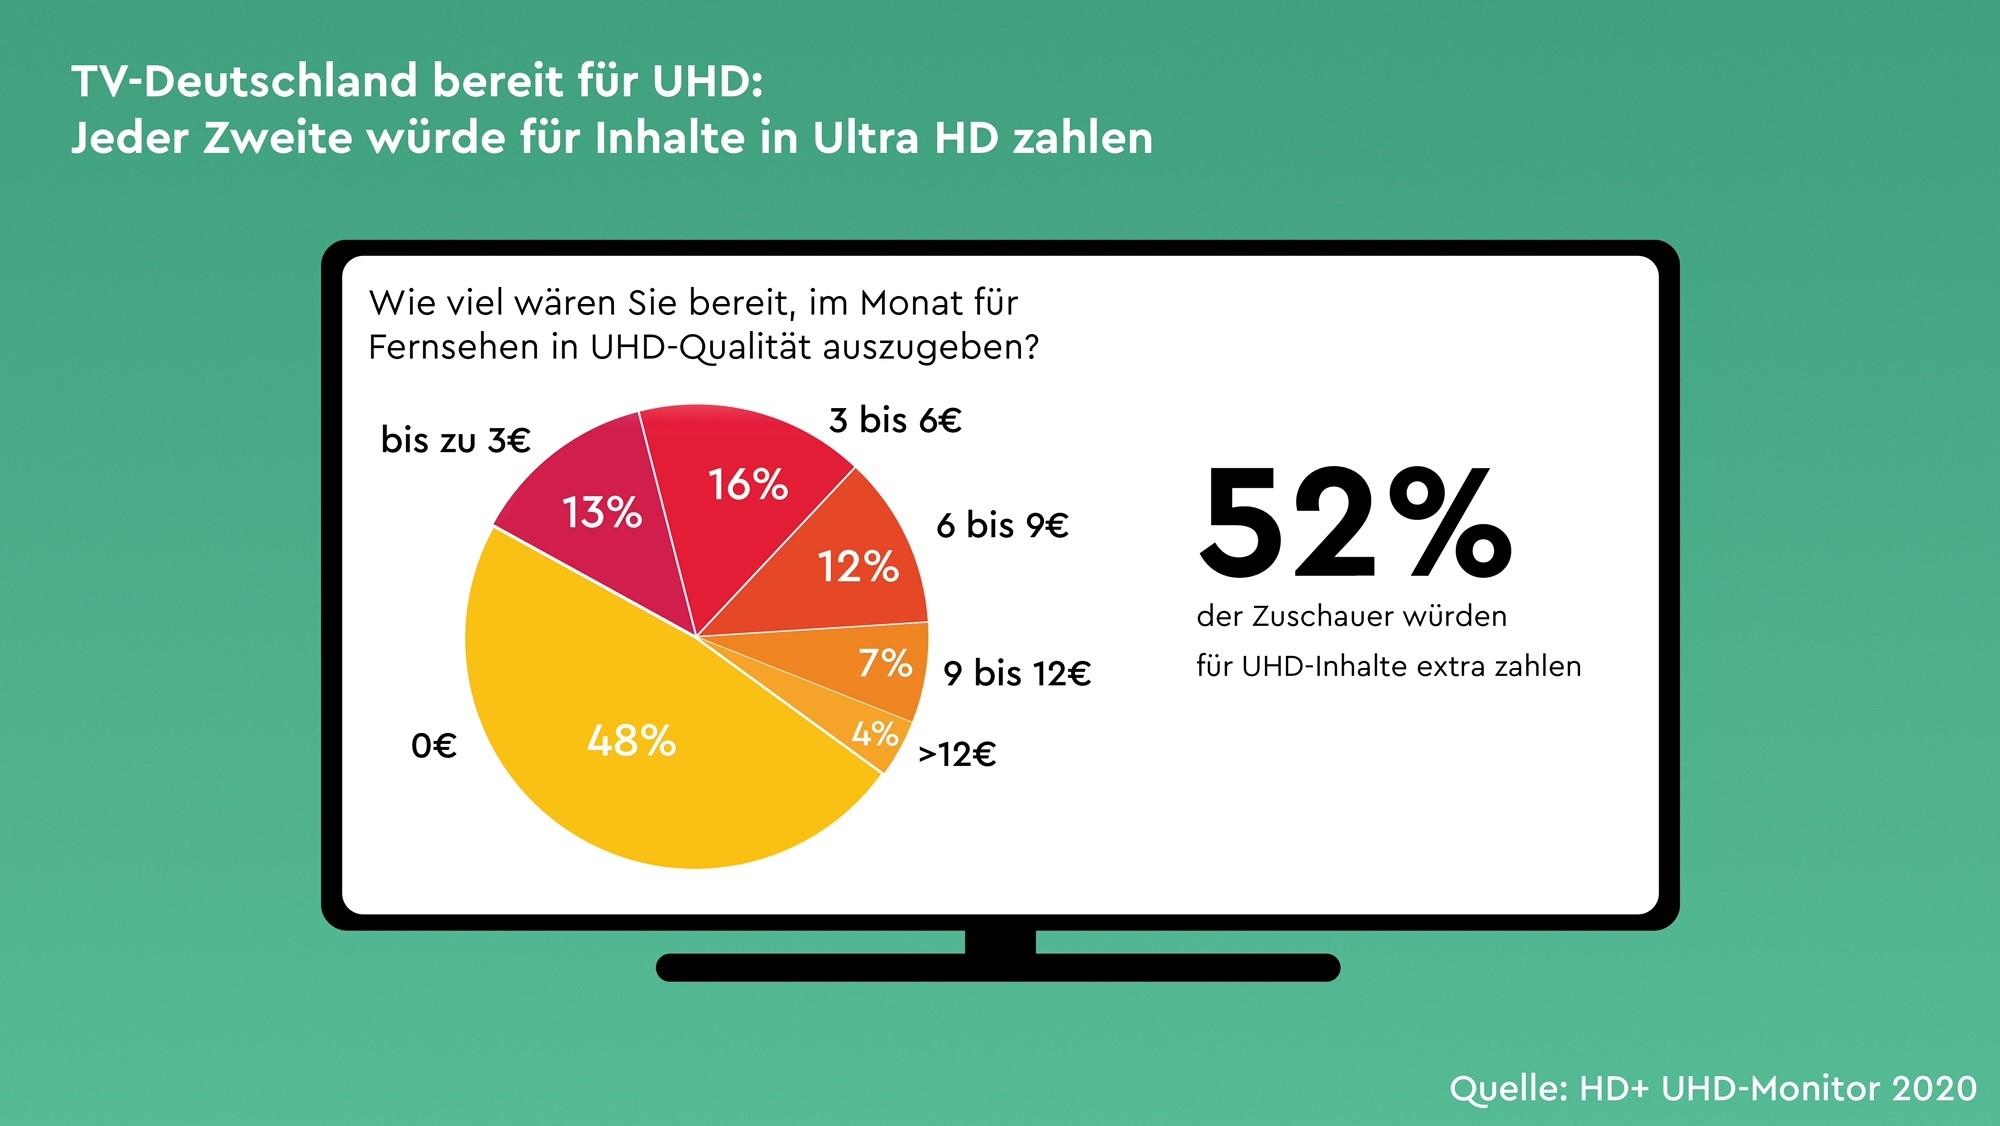 TV-Studie: Jeder Zweite ist bereit, für UHD-Inhalte zu zahlen